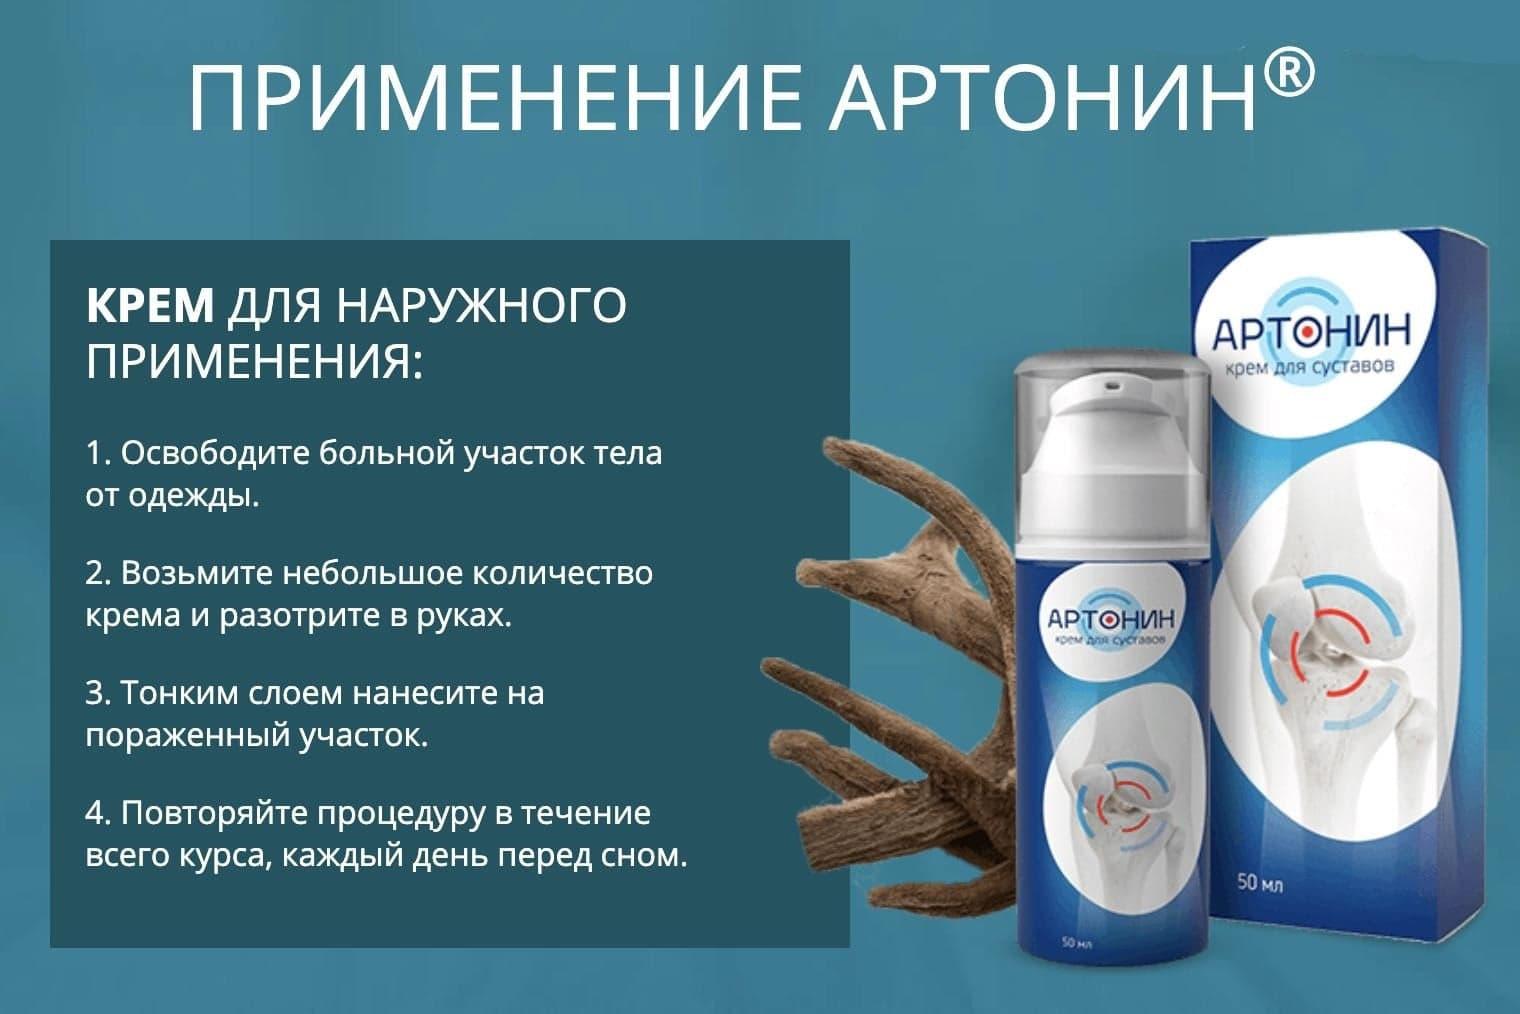 Инструкция по использованию крема Артонин